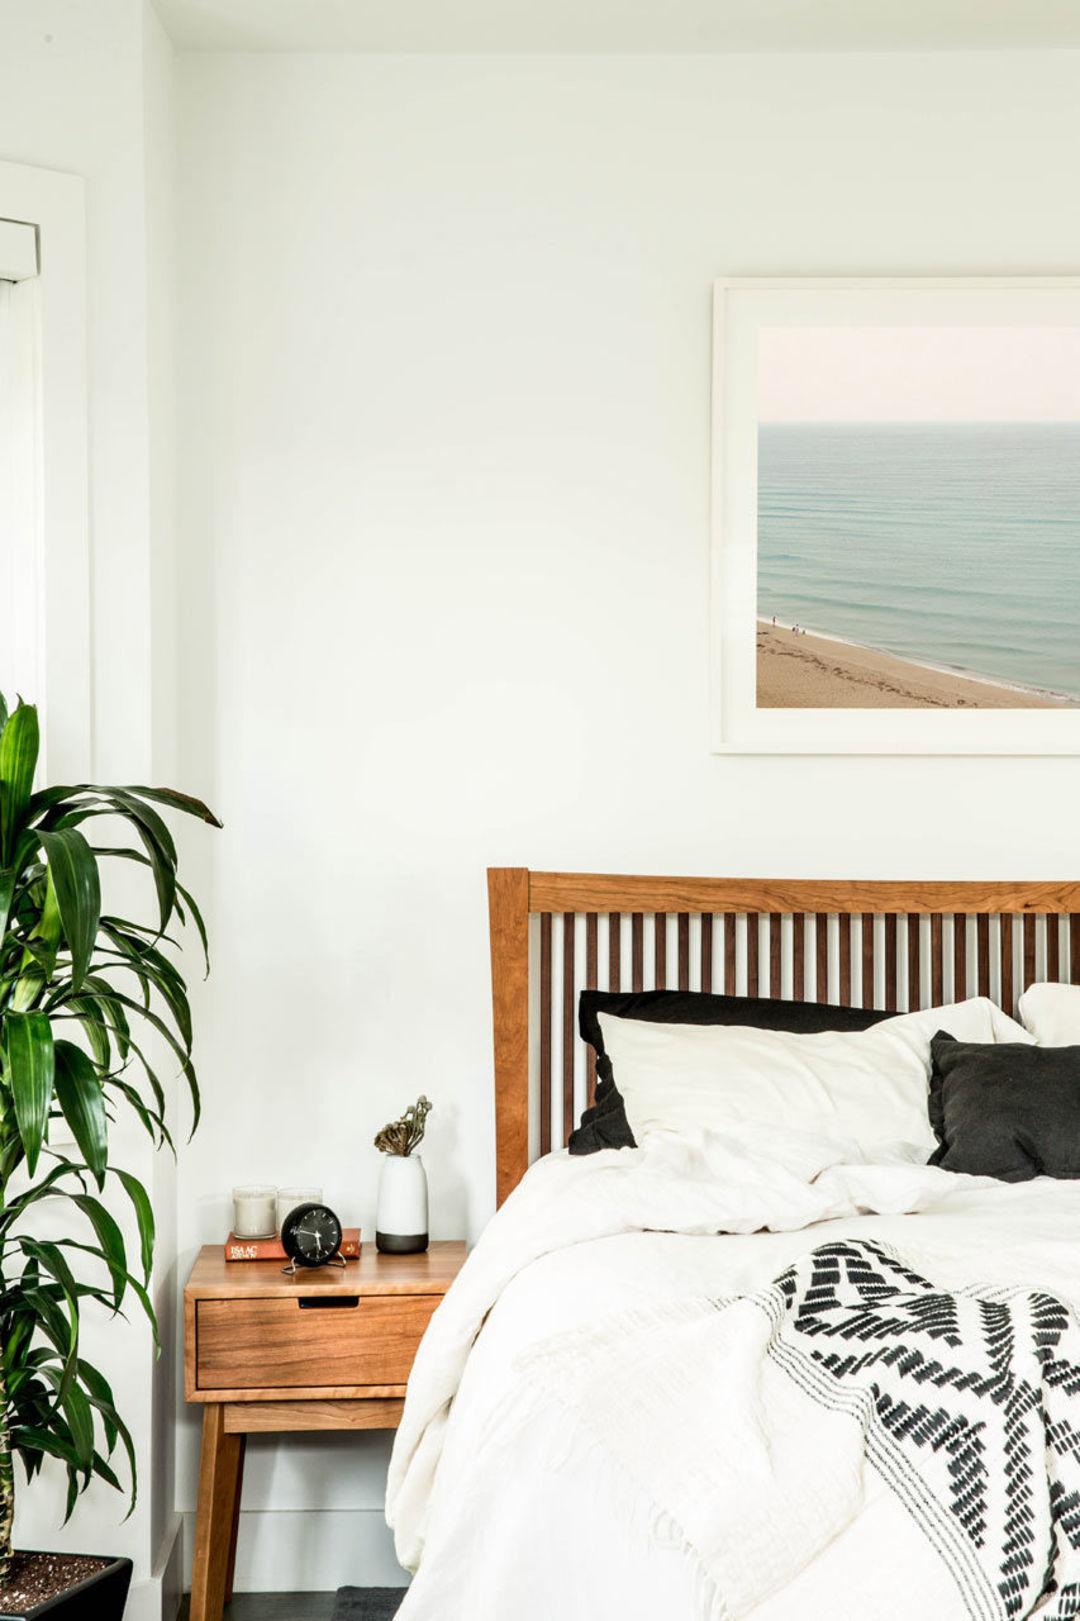 这间北欧风的单身公寓,每个细节都是好品味_设计_好奇心日报